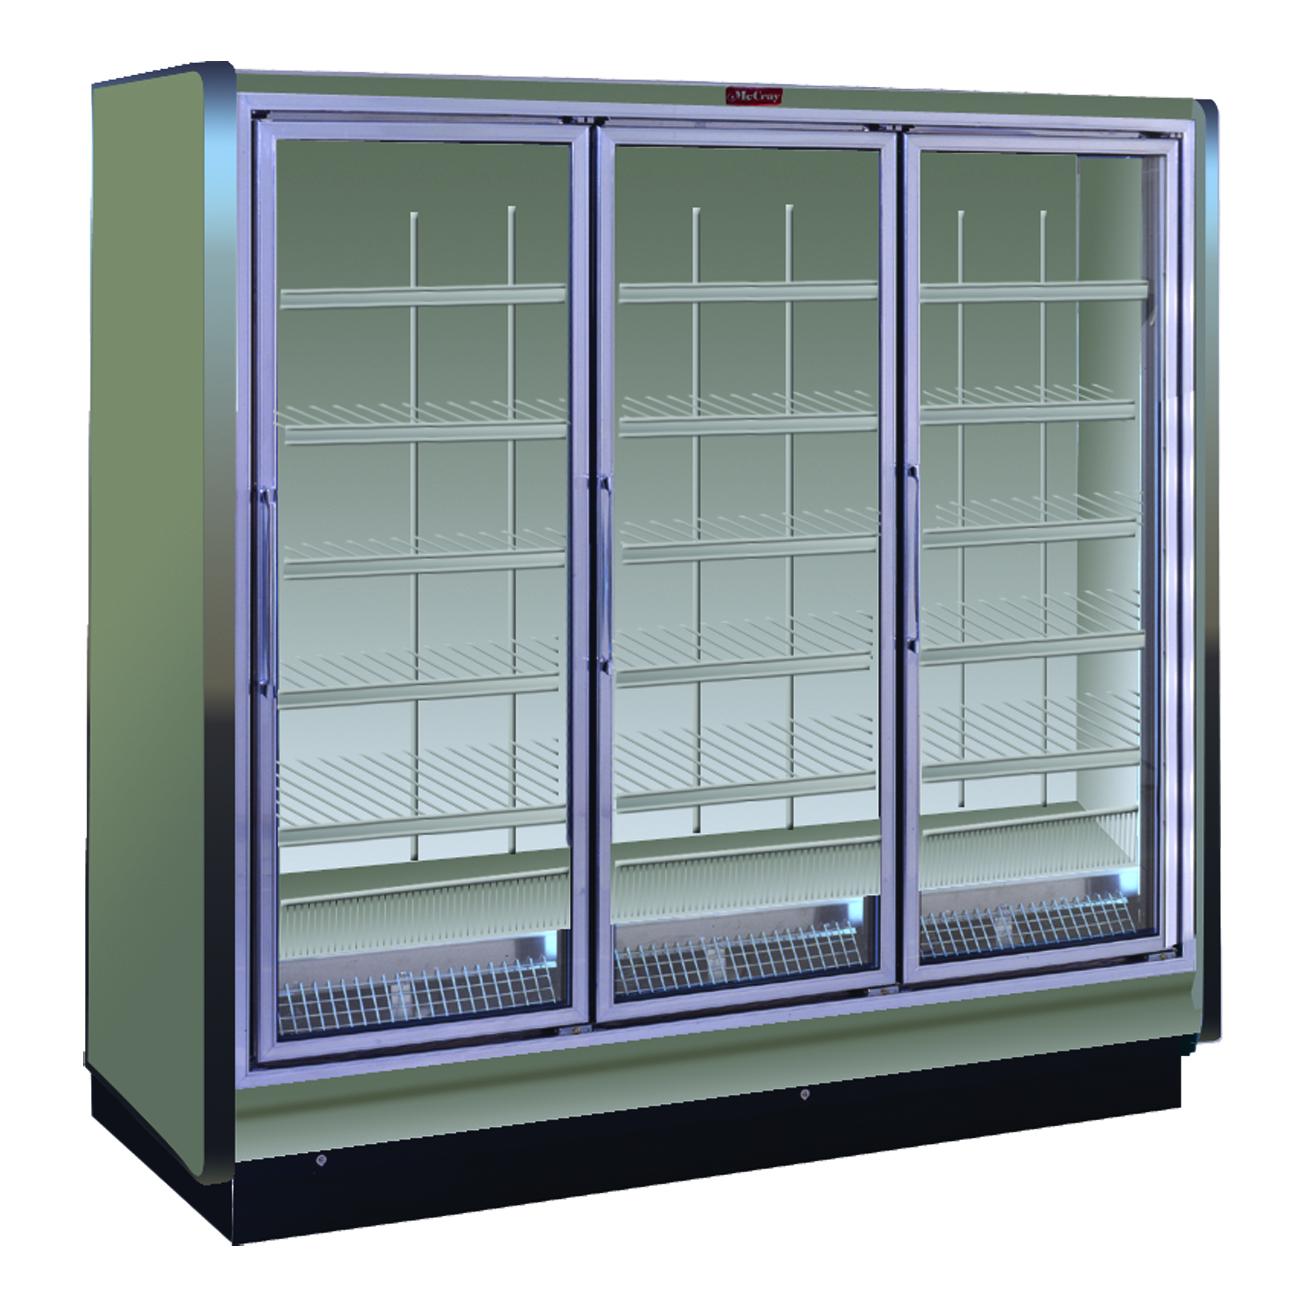 Howard-McCray RIF3-30-LED-S freezer, merchandiser